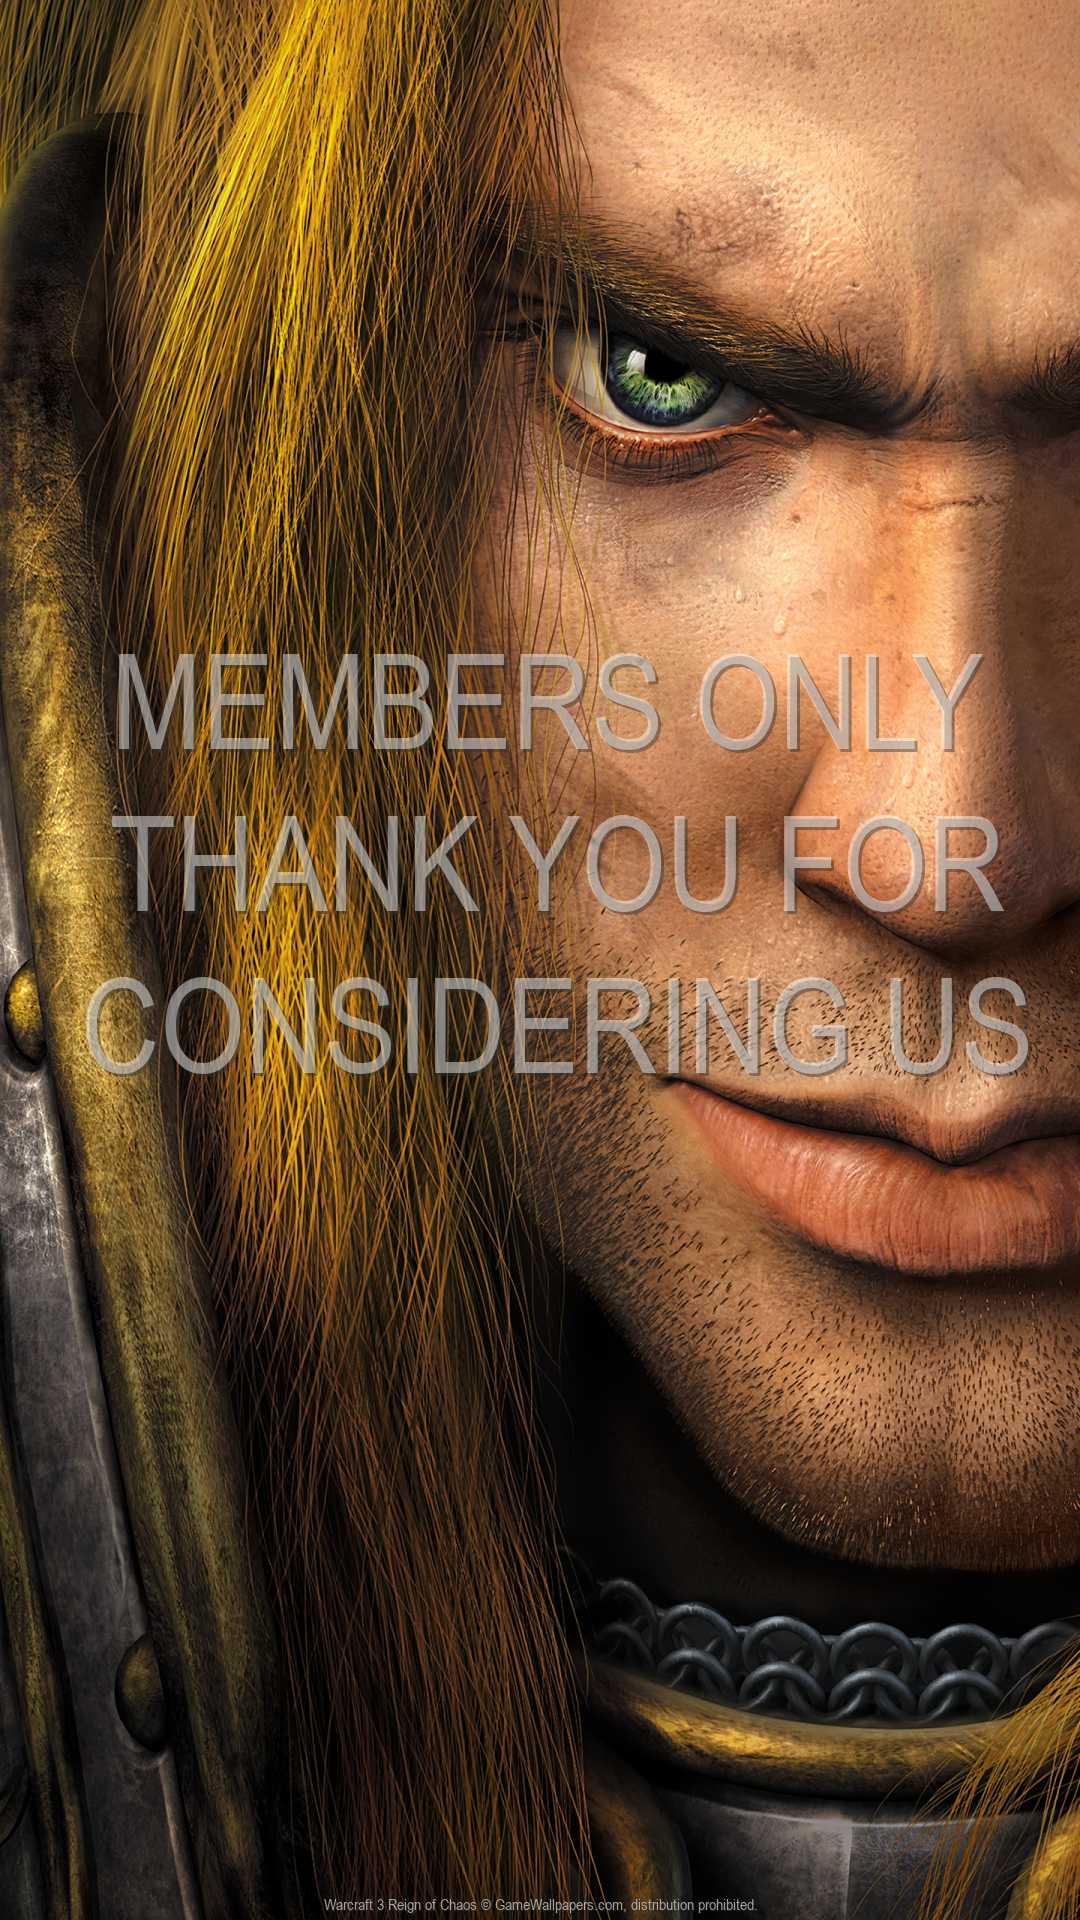 Warcraft 3: Reign of Chaos 1080p Vertical Handy Hintergrundbild 24